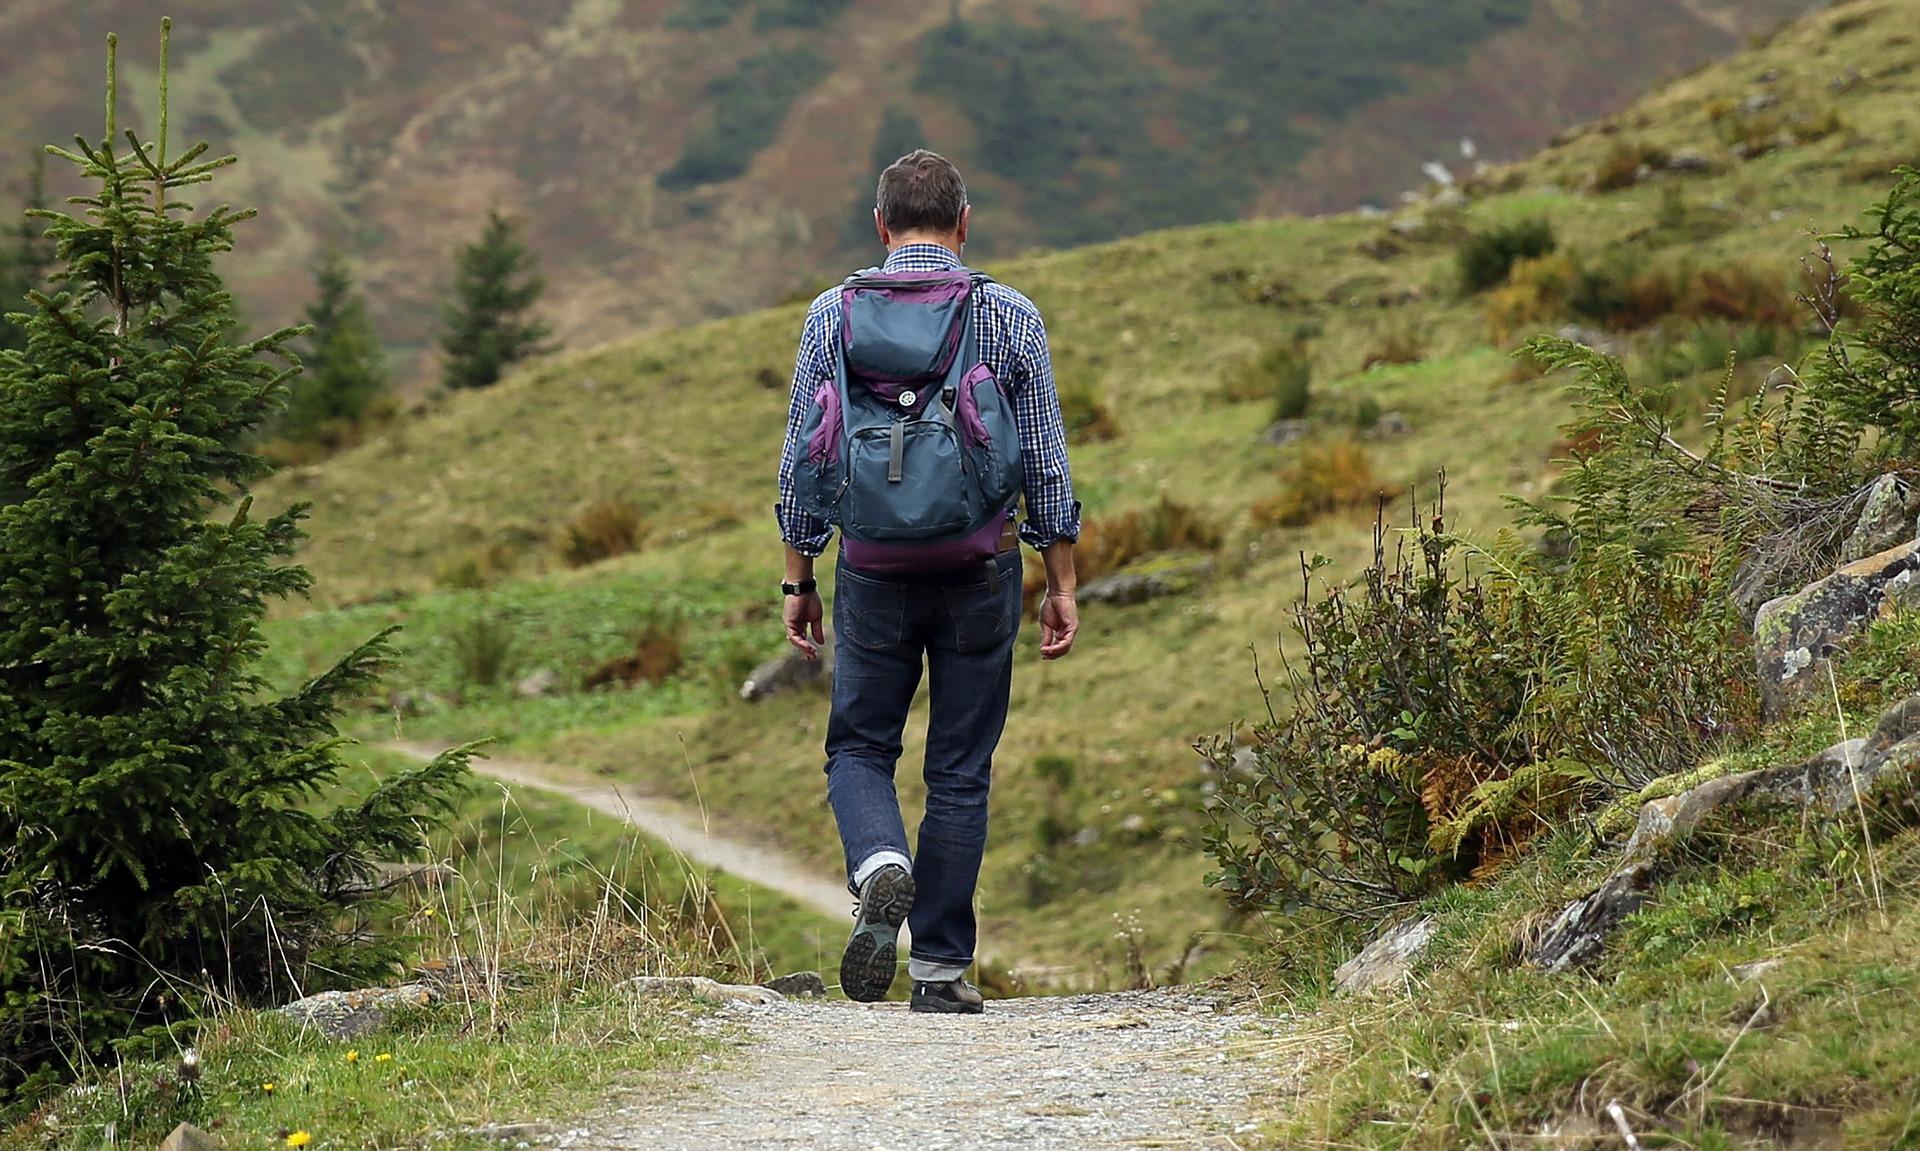 Tatry mapa i co zabrać jeszcze na wędrówkę po górach?